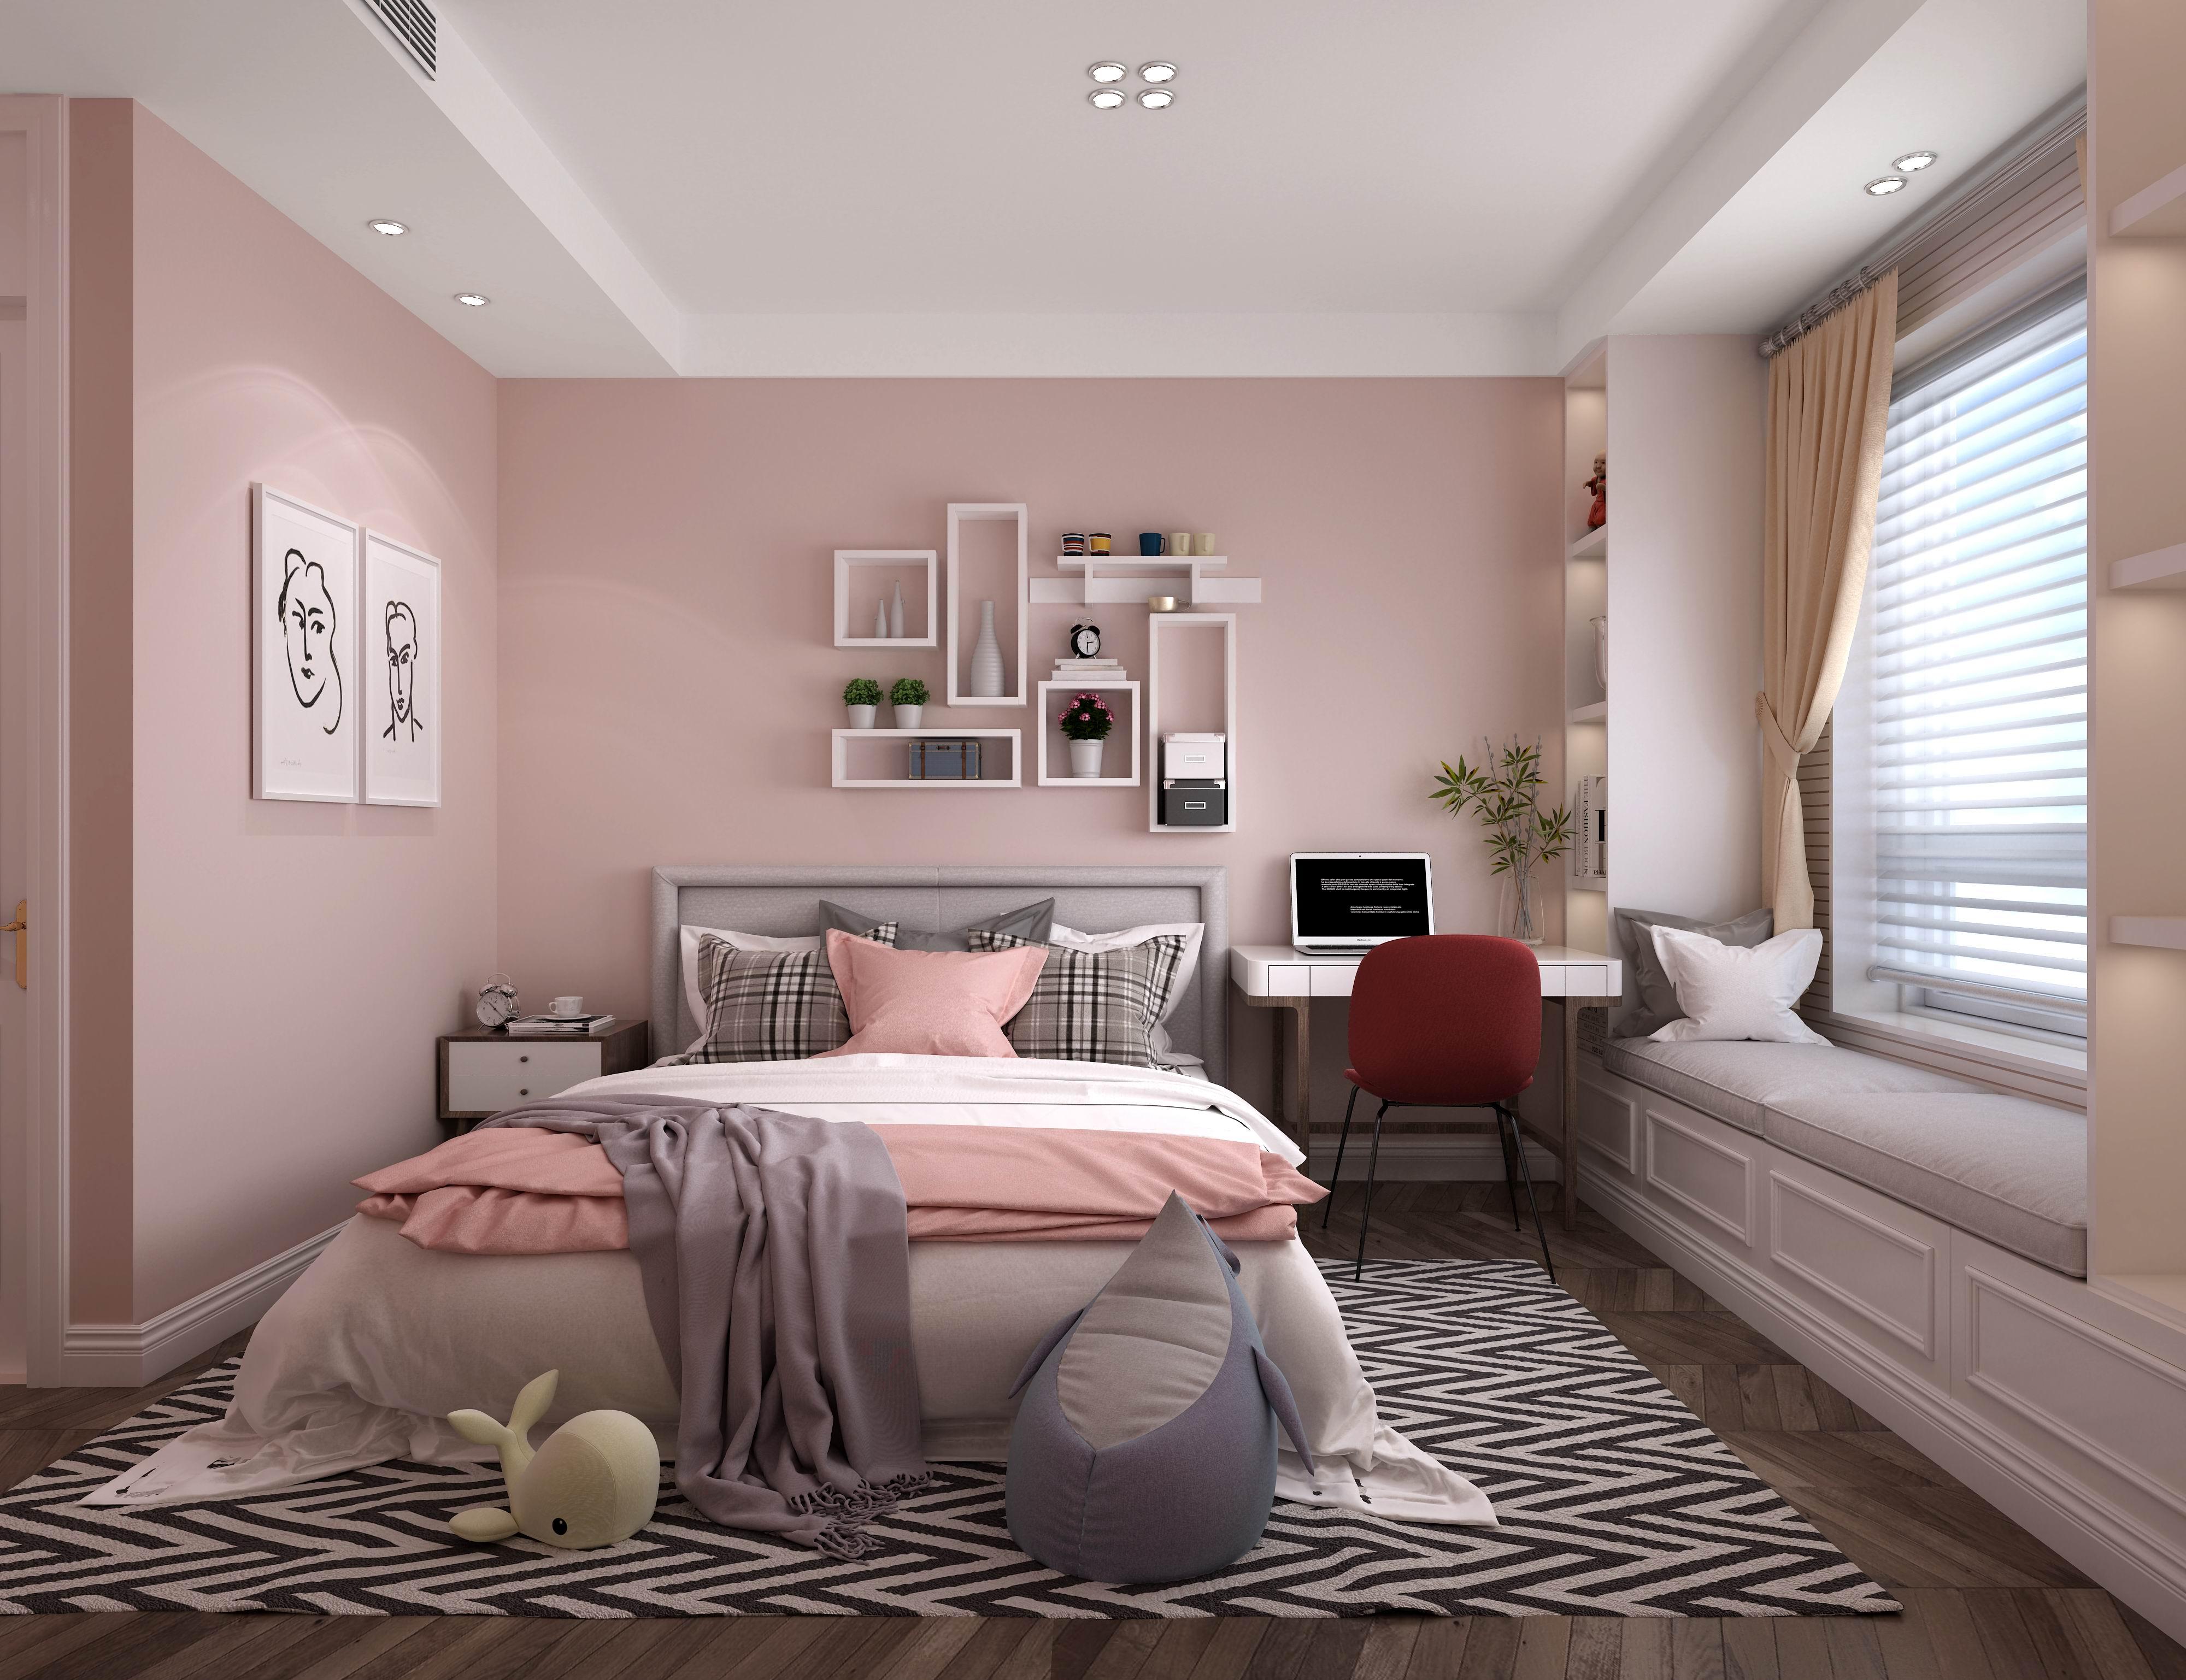 别墅 设计 装修 案例 现代美式 女儿房图片来自无锡别墅设计s在万科信成道底复245㎡现代美式的分享